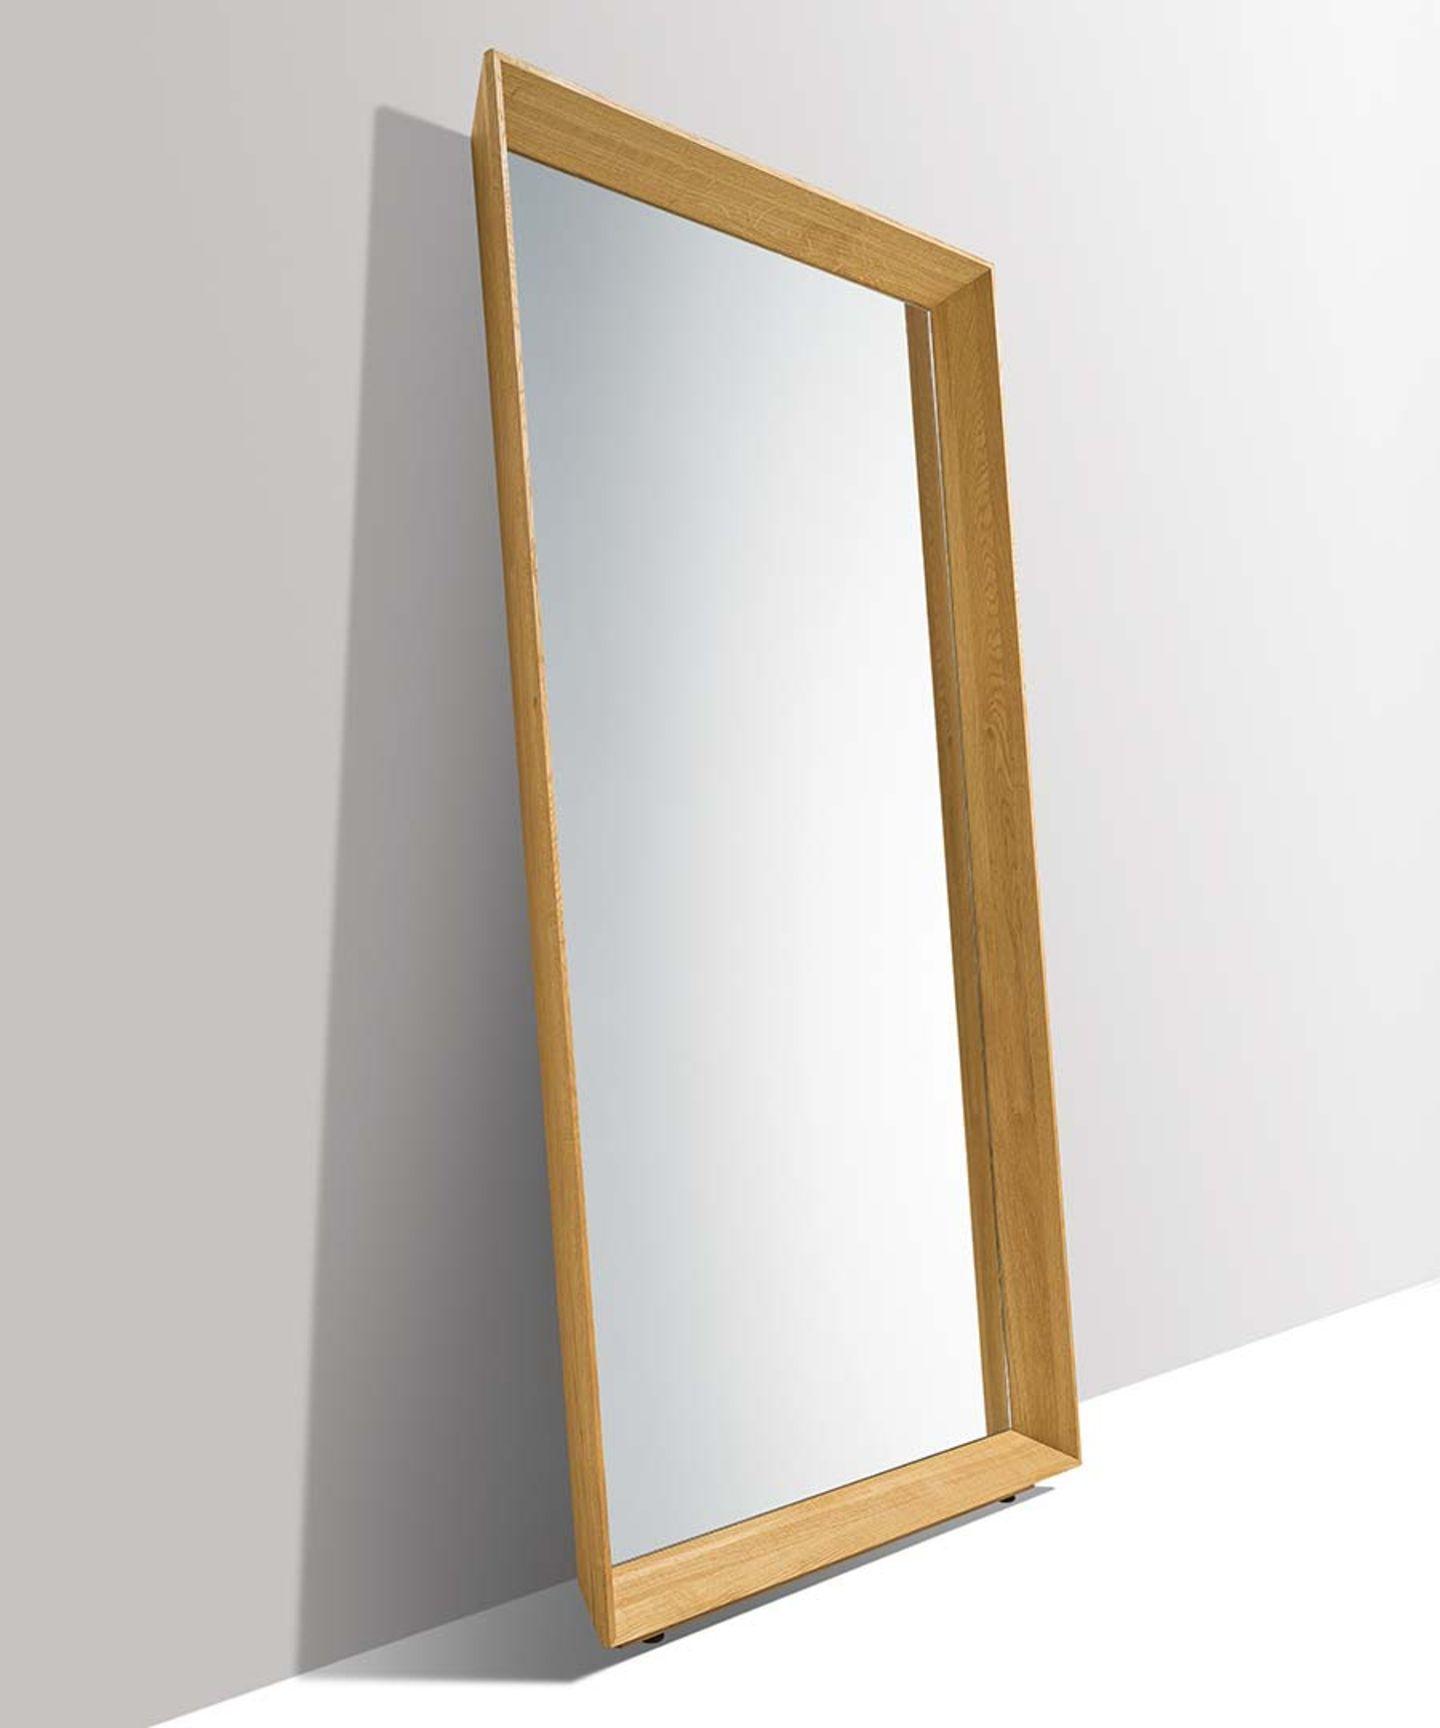 Diele haiku als Spiegel an der Wand stehend mit Kippsicherung